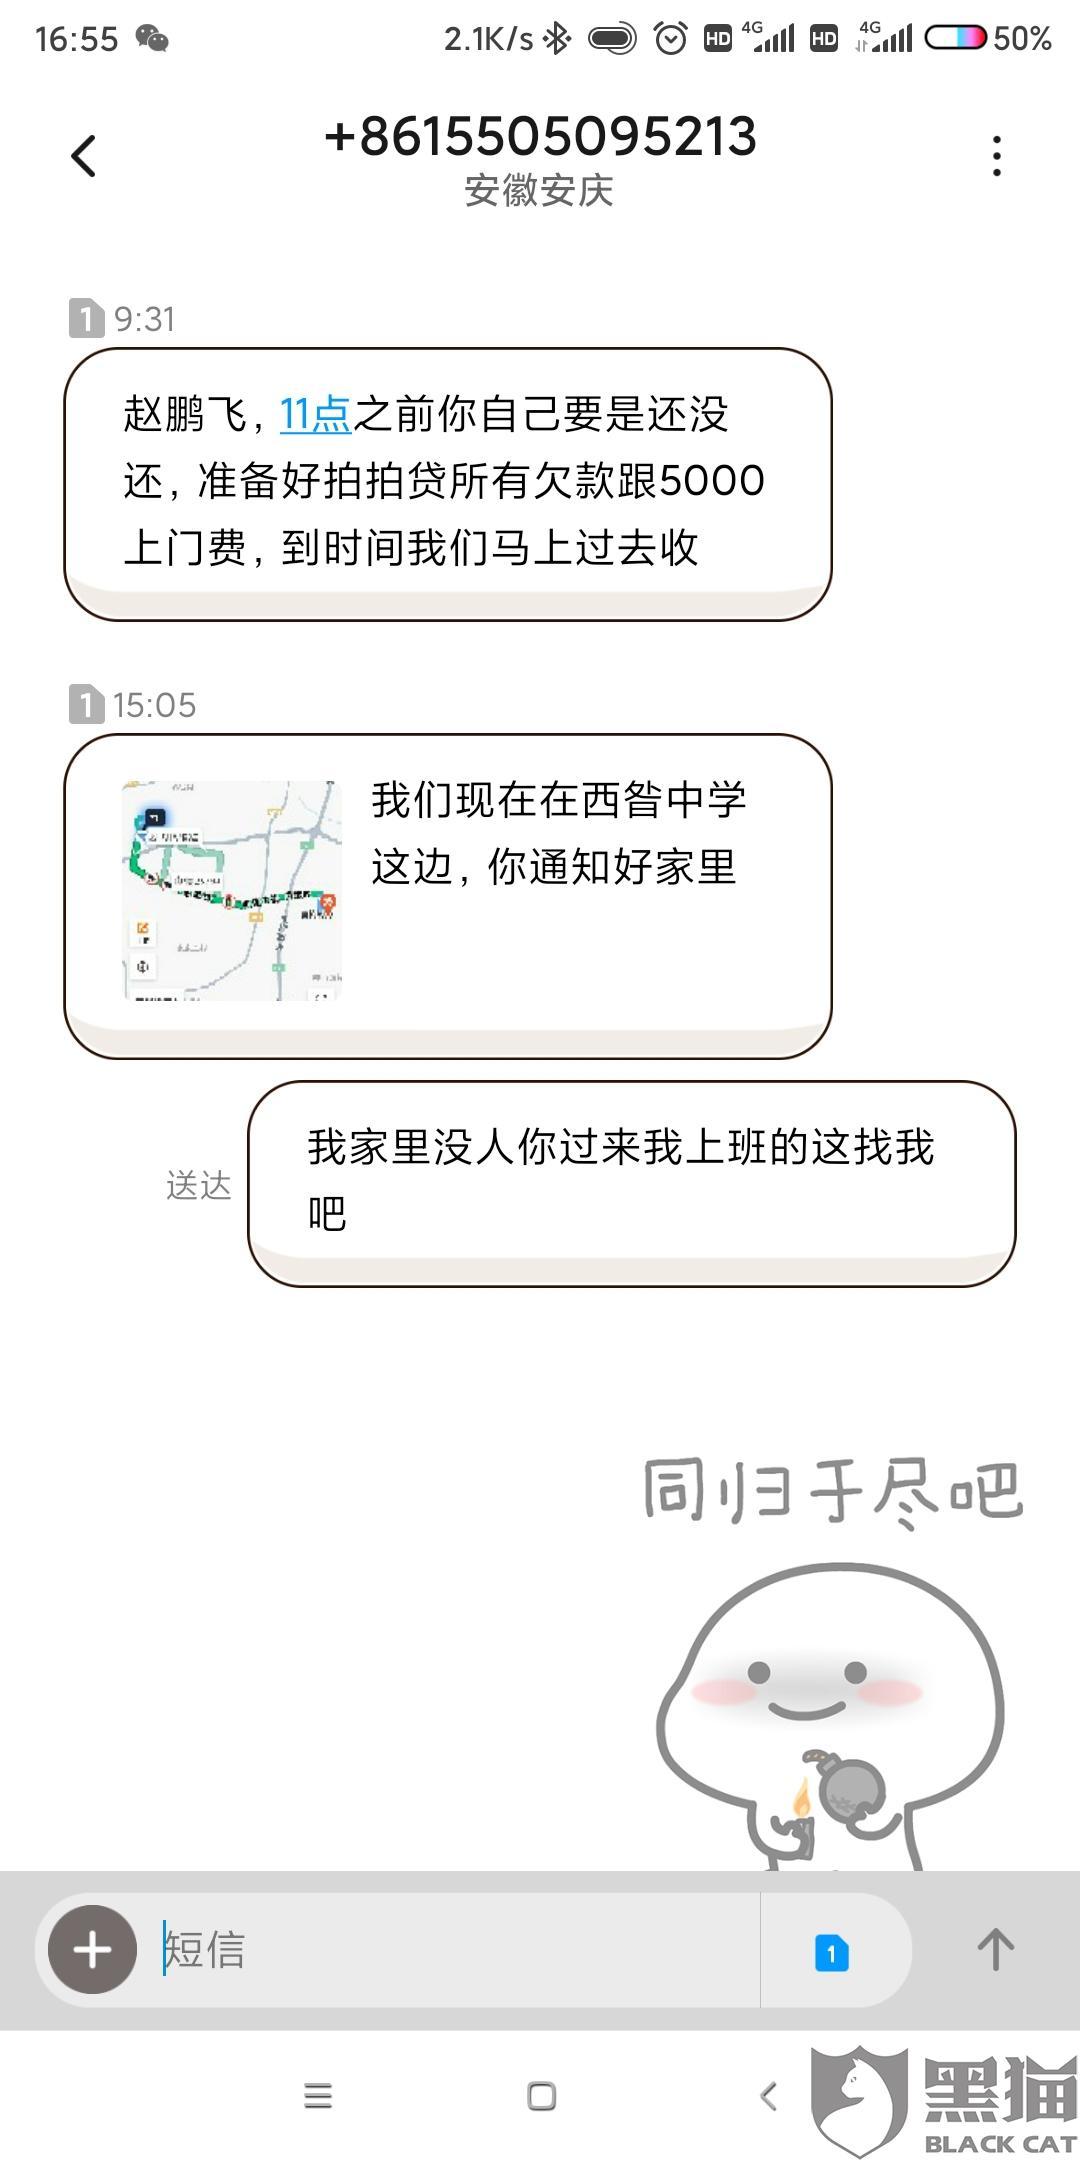 黑猫投诉:上海拍拍贷金融信息服务有限公司勒令他人对我进行恐吓勒索并威胁